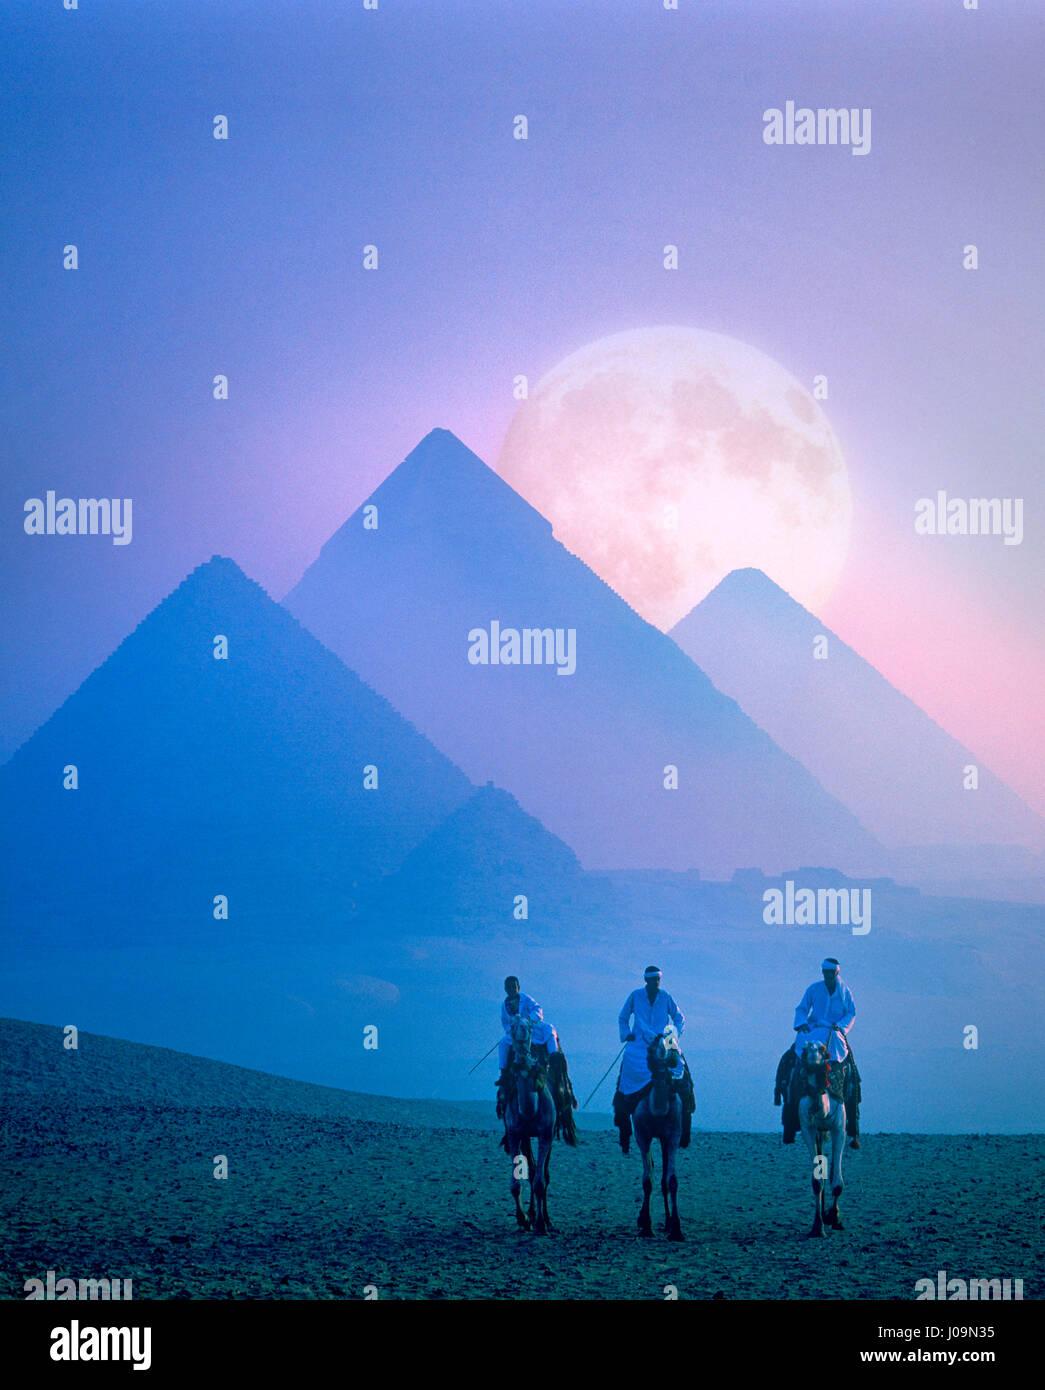 La luna piena sorge dietro le Piramidi di Giza, il Cairo, Egitto Immagini Stock